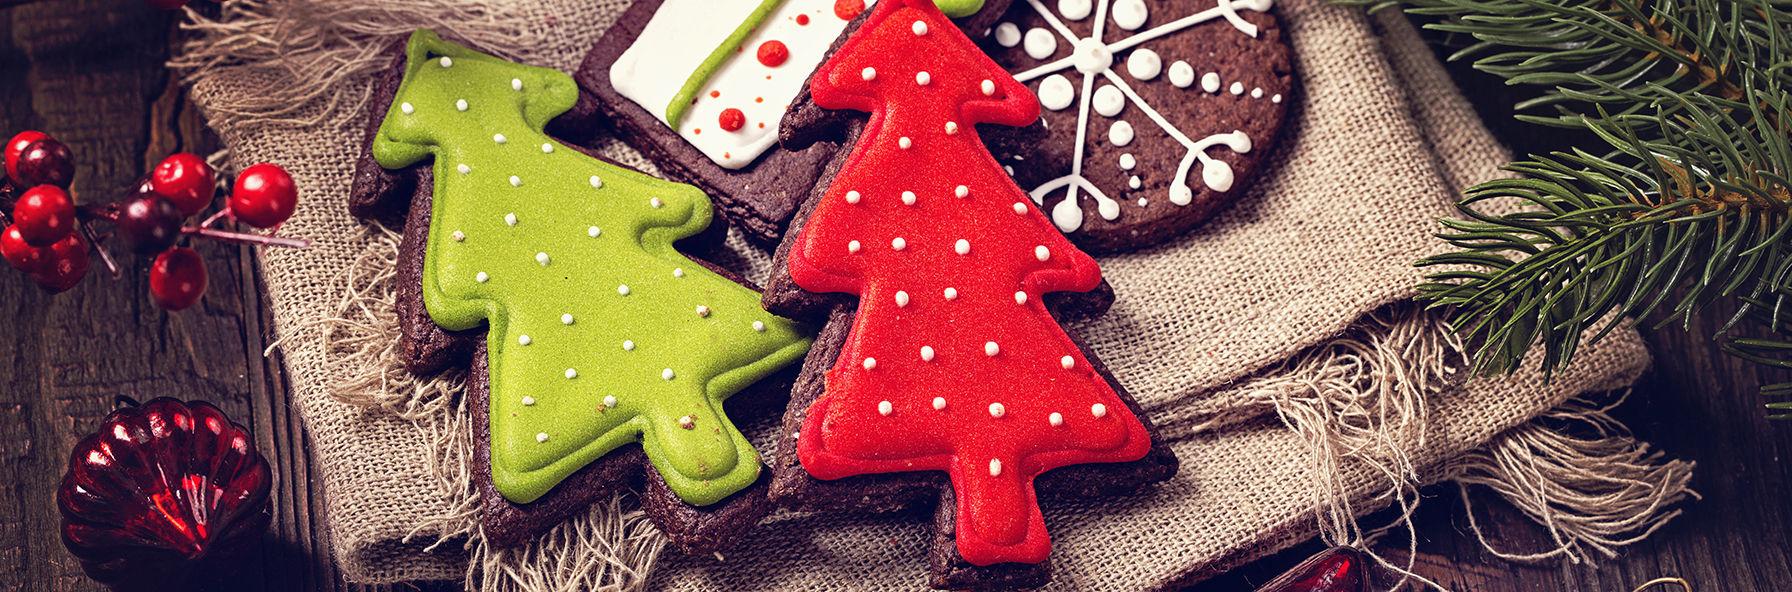 Vánoční pobyty na horách nebo v lázních